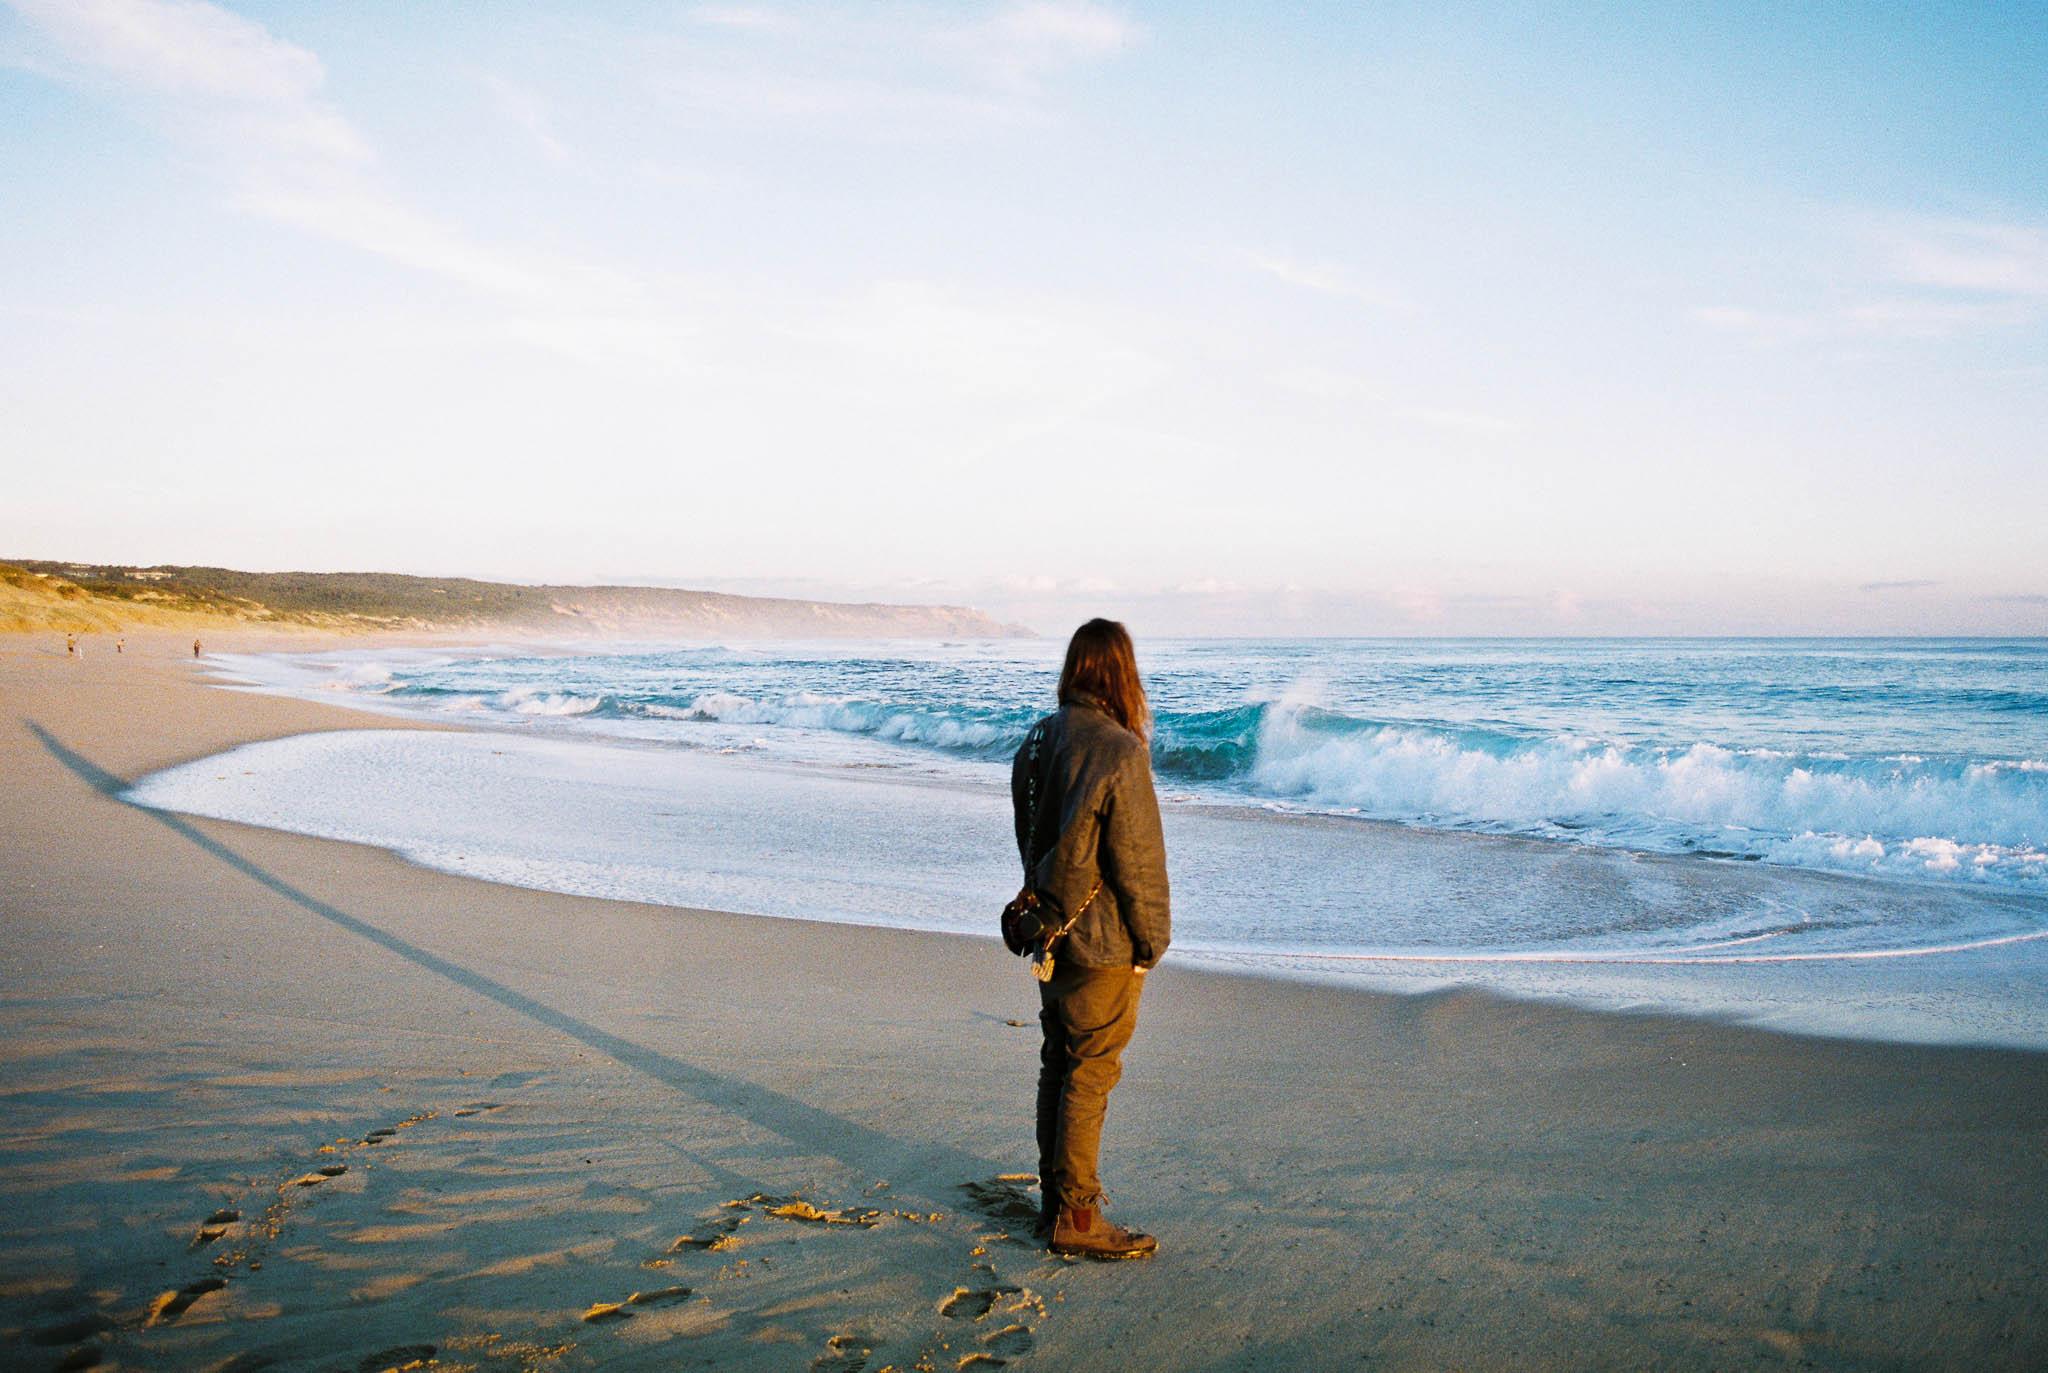 Julian at Gunnamatta Beach